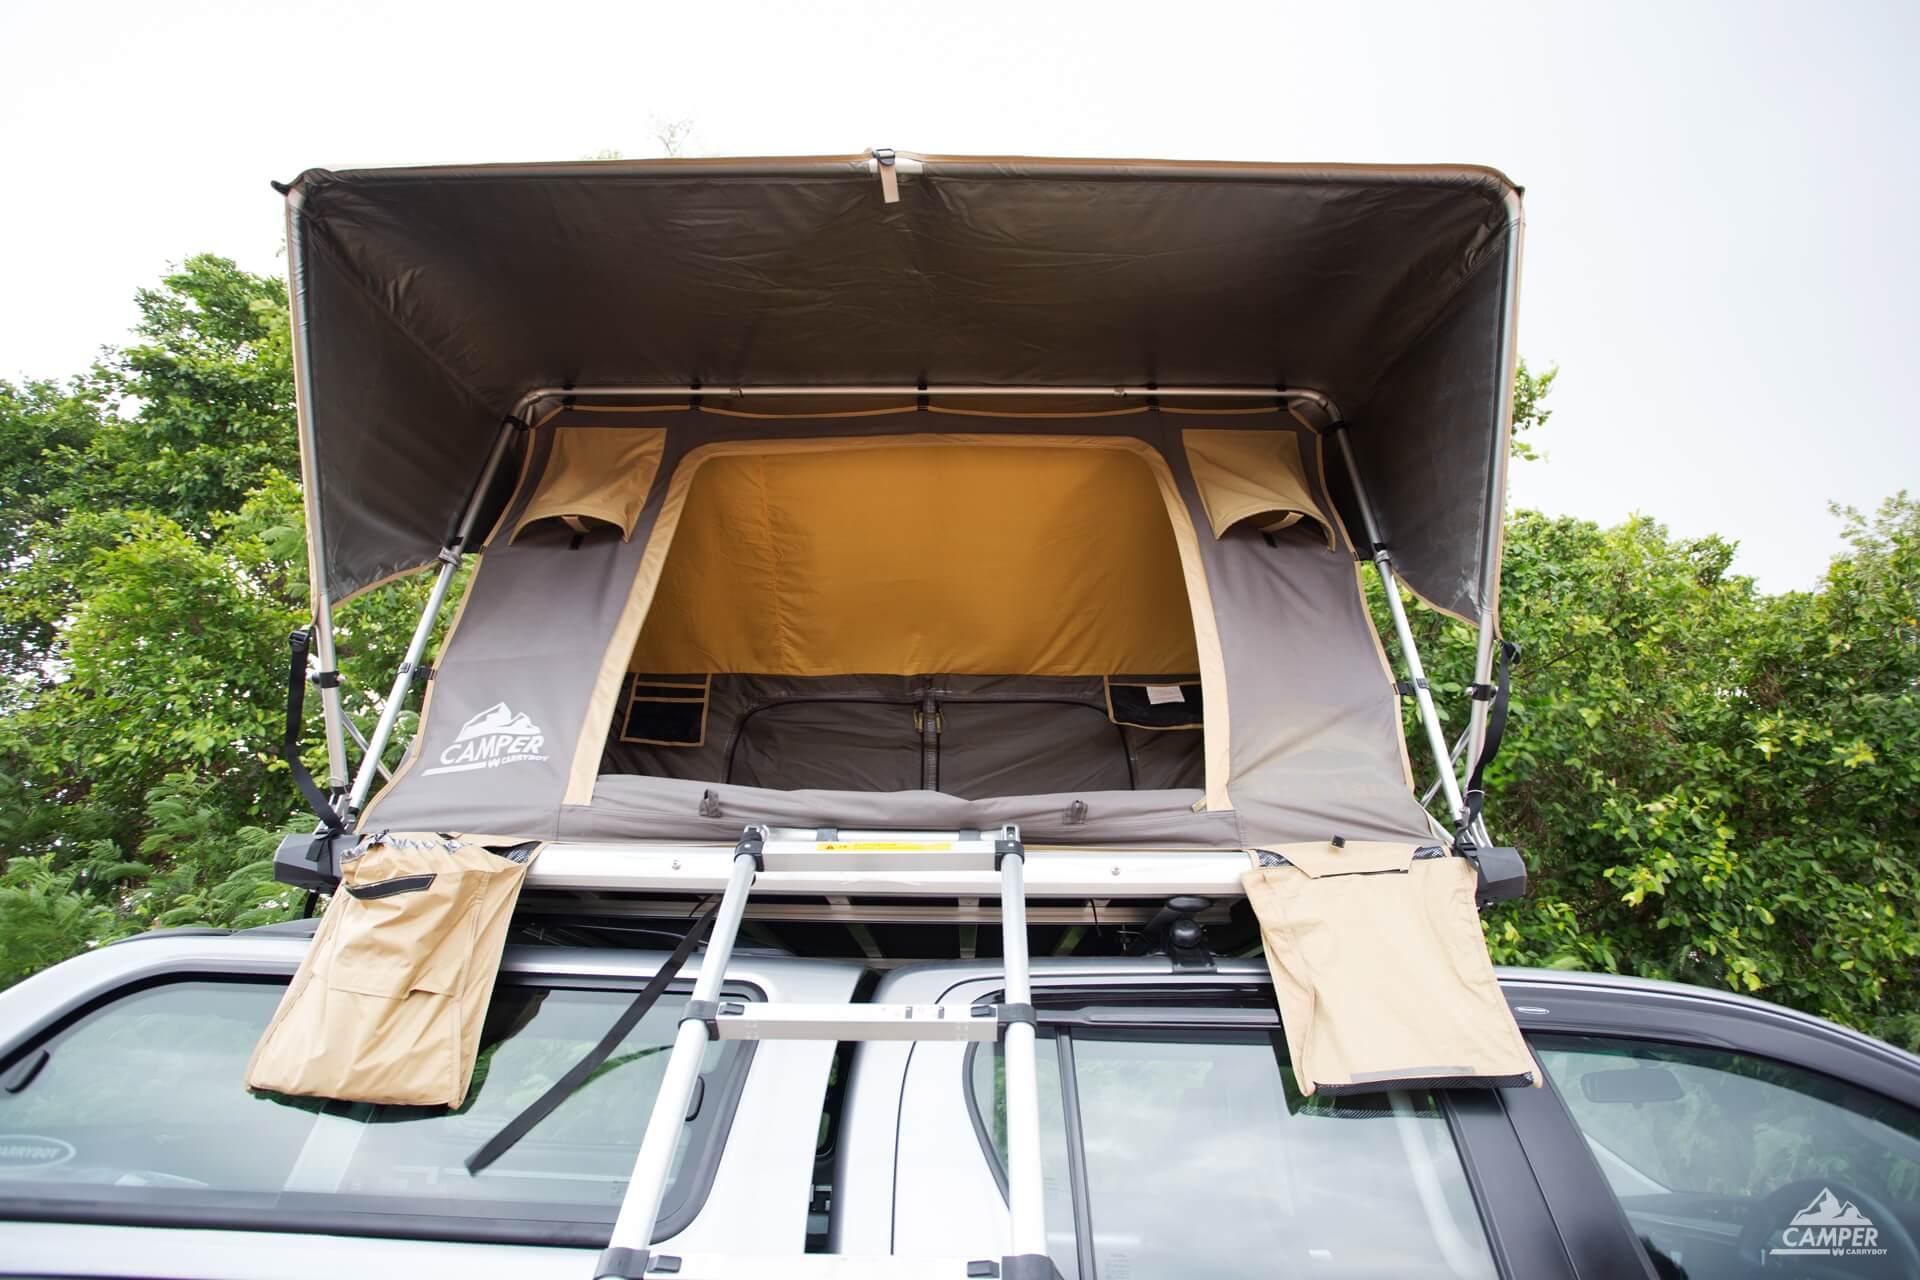 Carryboy Camper Dachzelt für 2 bis 3 Personen für alle Fahrzeuge inklusive kleiner Markise